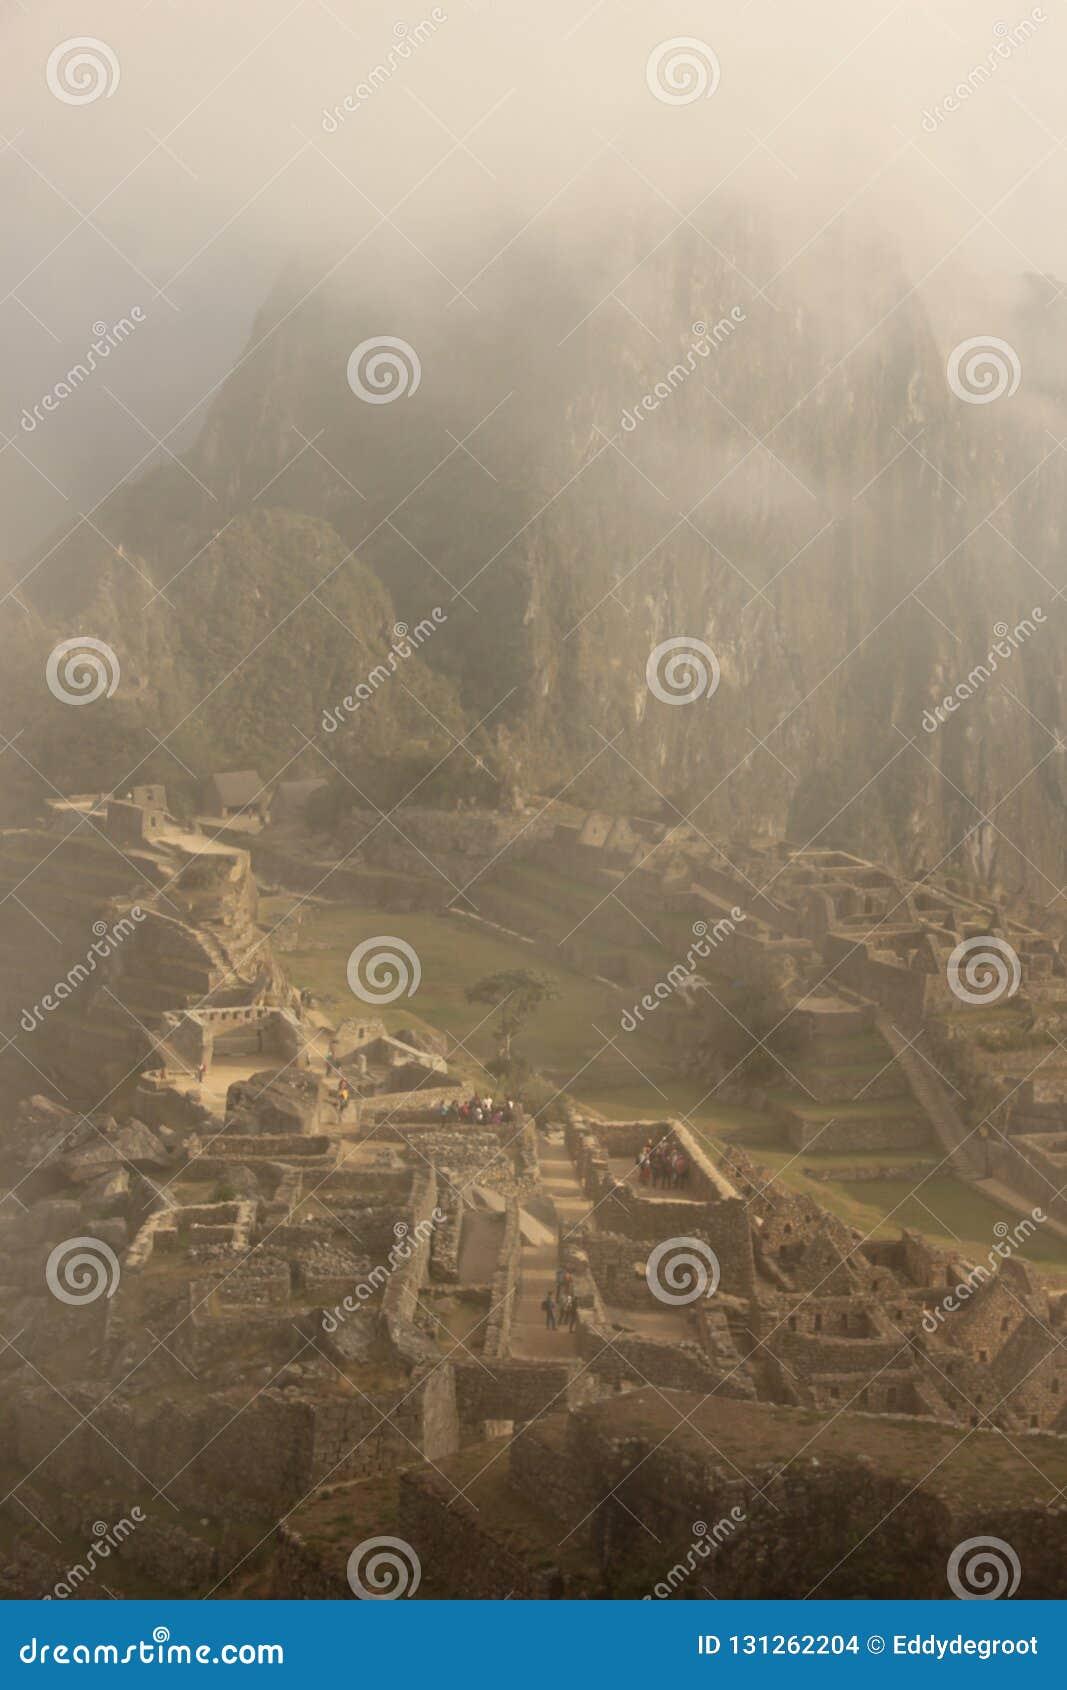 The ruins of Machu Picchu